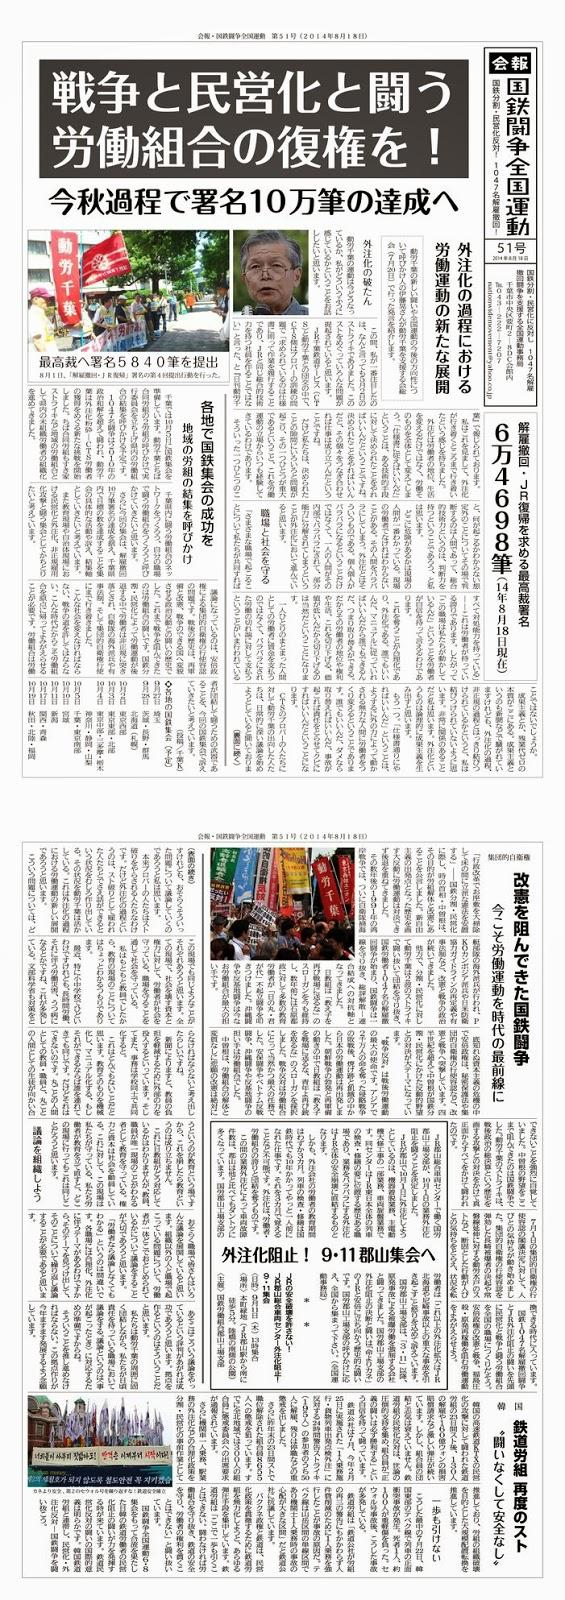 http://www.doro-chiba.org/z-undou/pdf/news_51.pdf